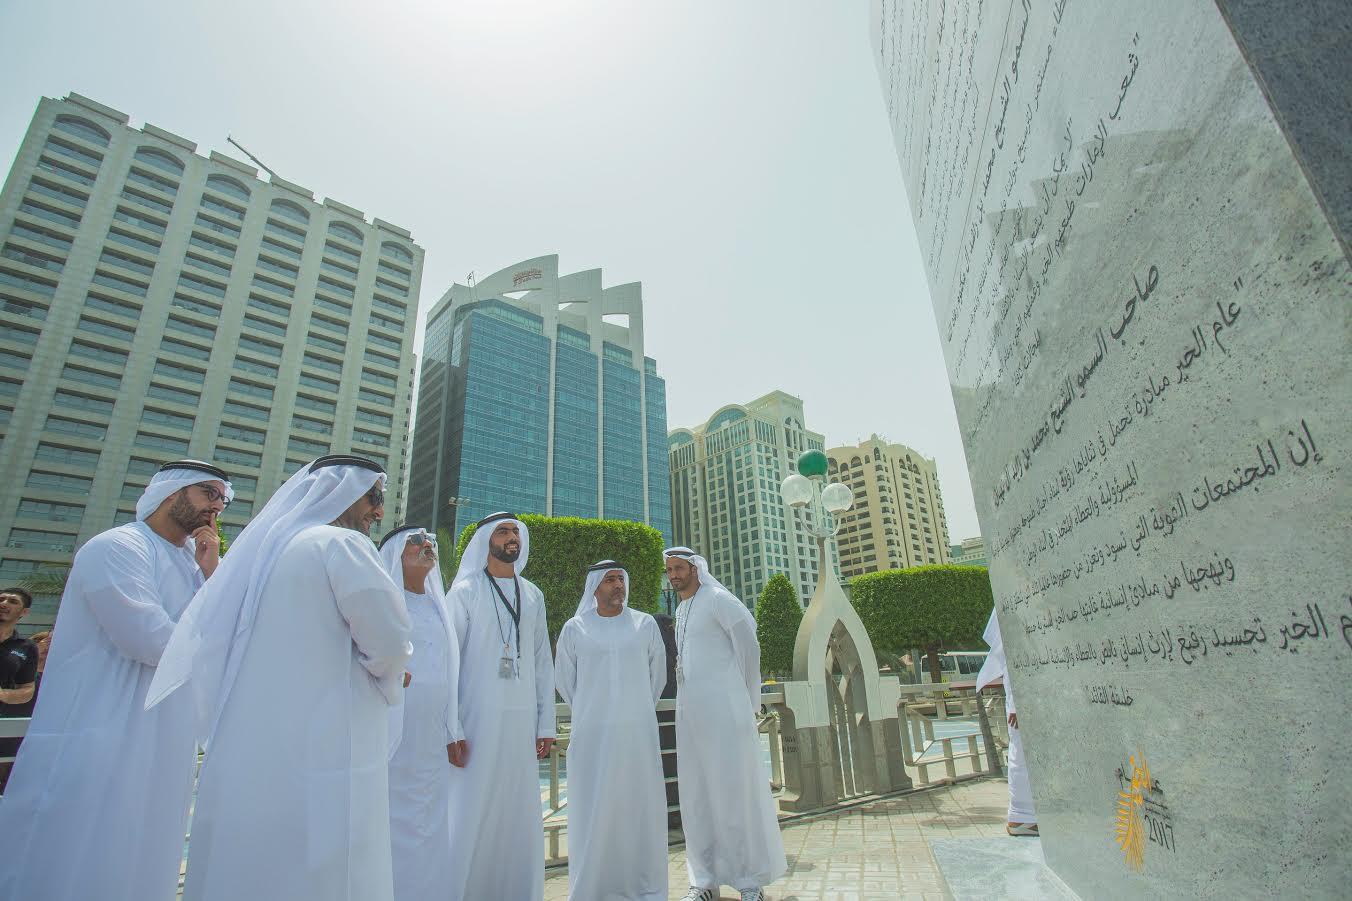 هيئة أبوظبي للسياحة والثقافة تطلق مبادرة ممشى الخير 2017